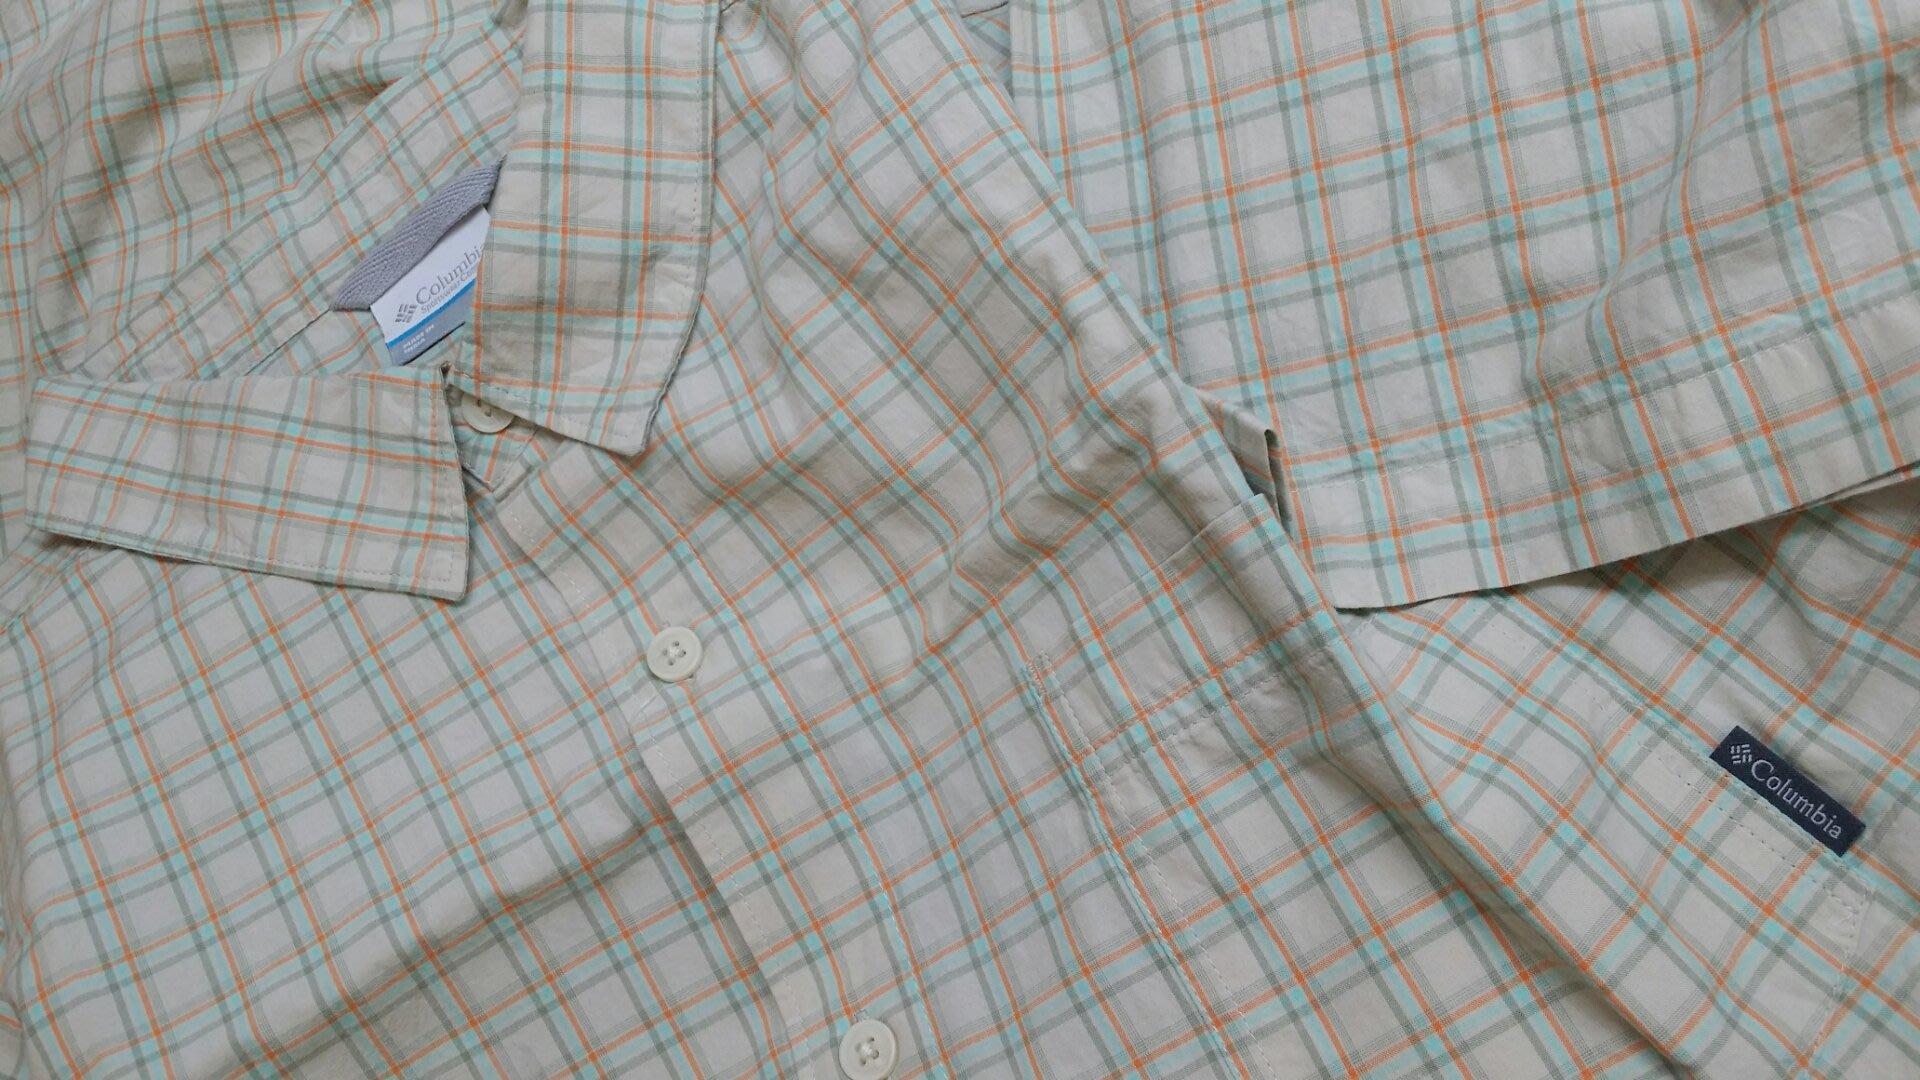 特價出清【Columbia短袖棉質格子襯衫】美國購置專櫃正品~ 硬挺棉布 上班、休閒皆宜。尺寸 XXL ~現貨在台~